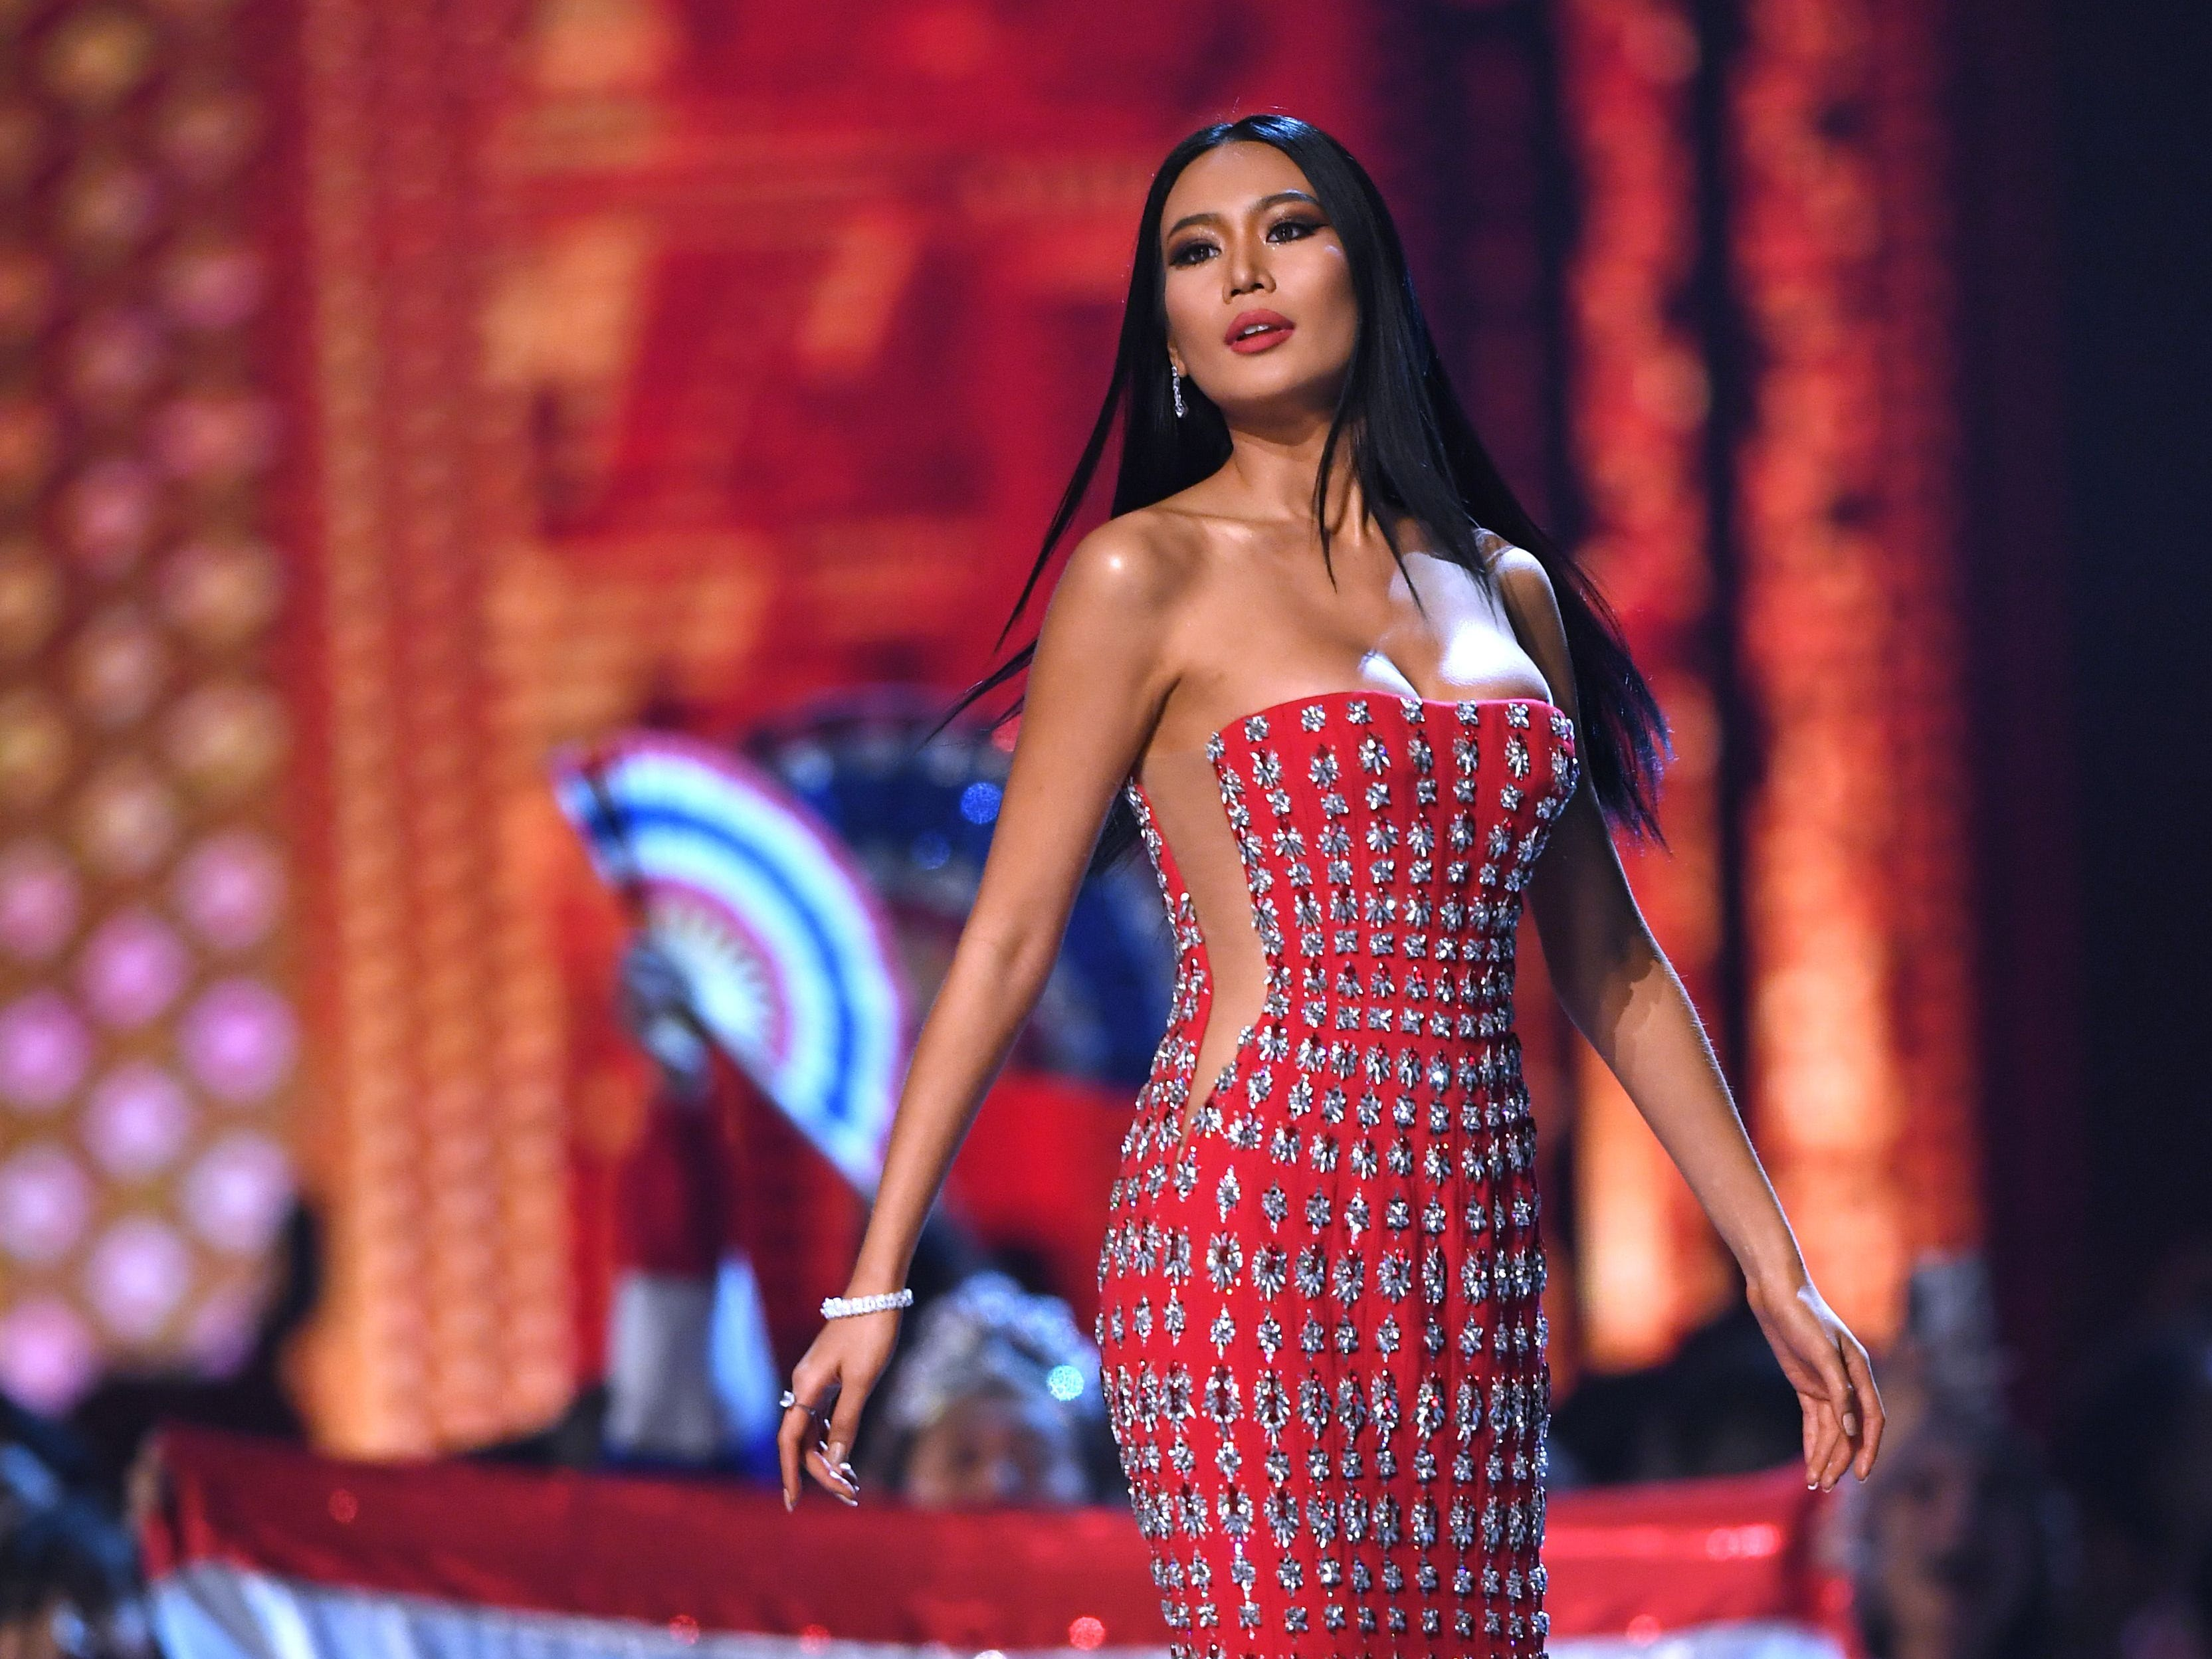 Sophida Kanchanarin de Tailandia en la pasarela luego de ser seleccionada como las 10 mejores finalistas durante el concurso Miss Universo 2018 en Bangkok el 17 de diciembre de 2018.